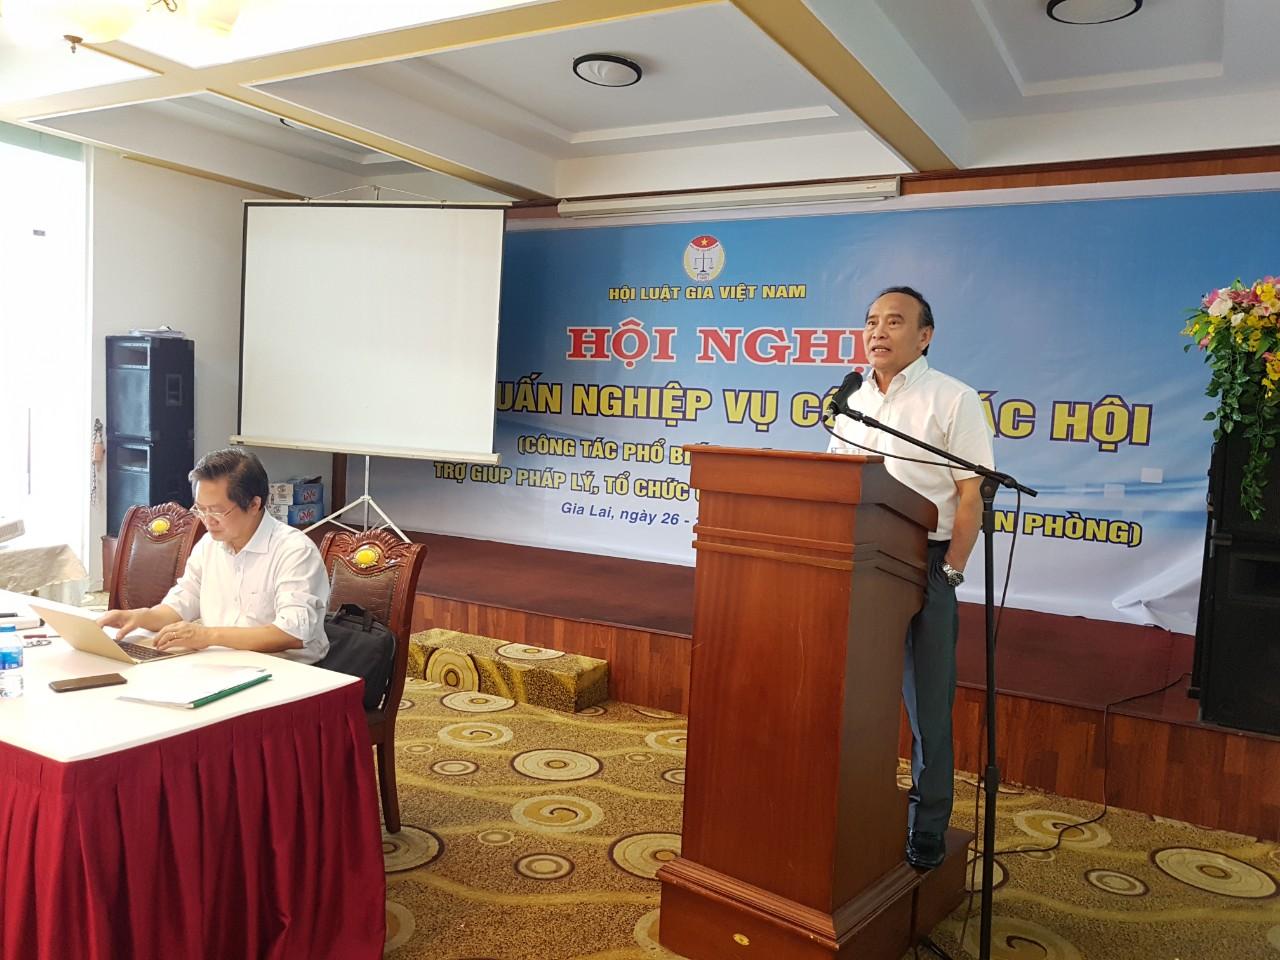 Tiếp tục tập huấn nghiệp vụ công tác hội cho các tỉnh, thành Hội khu vực duyên hải miền Trung và Tây Nguyên